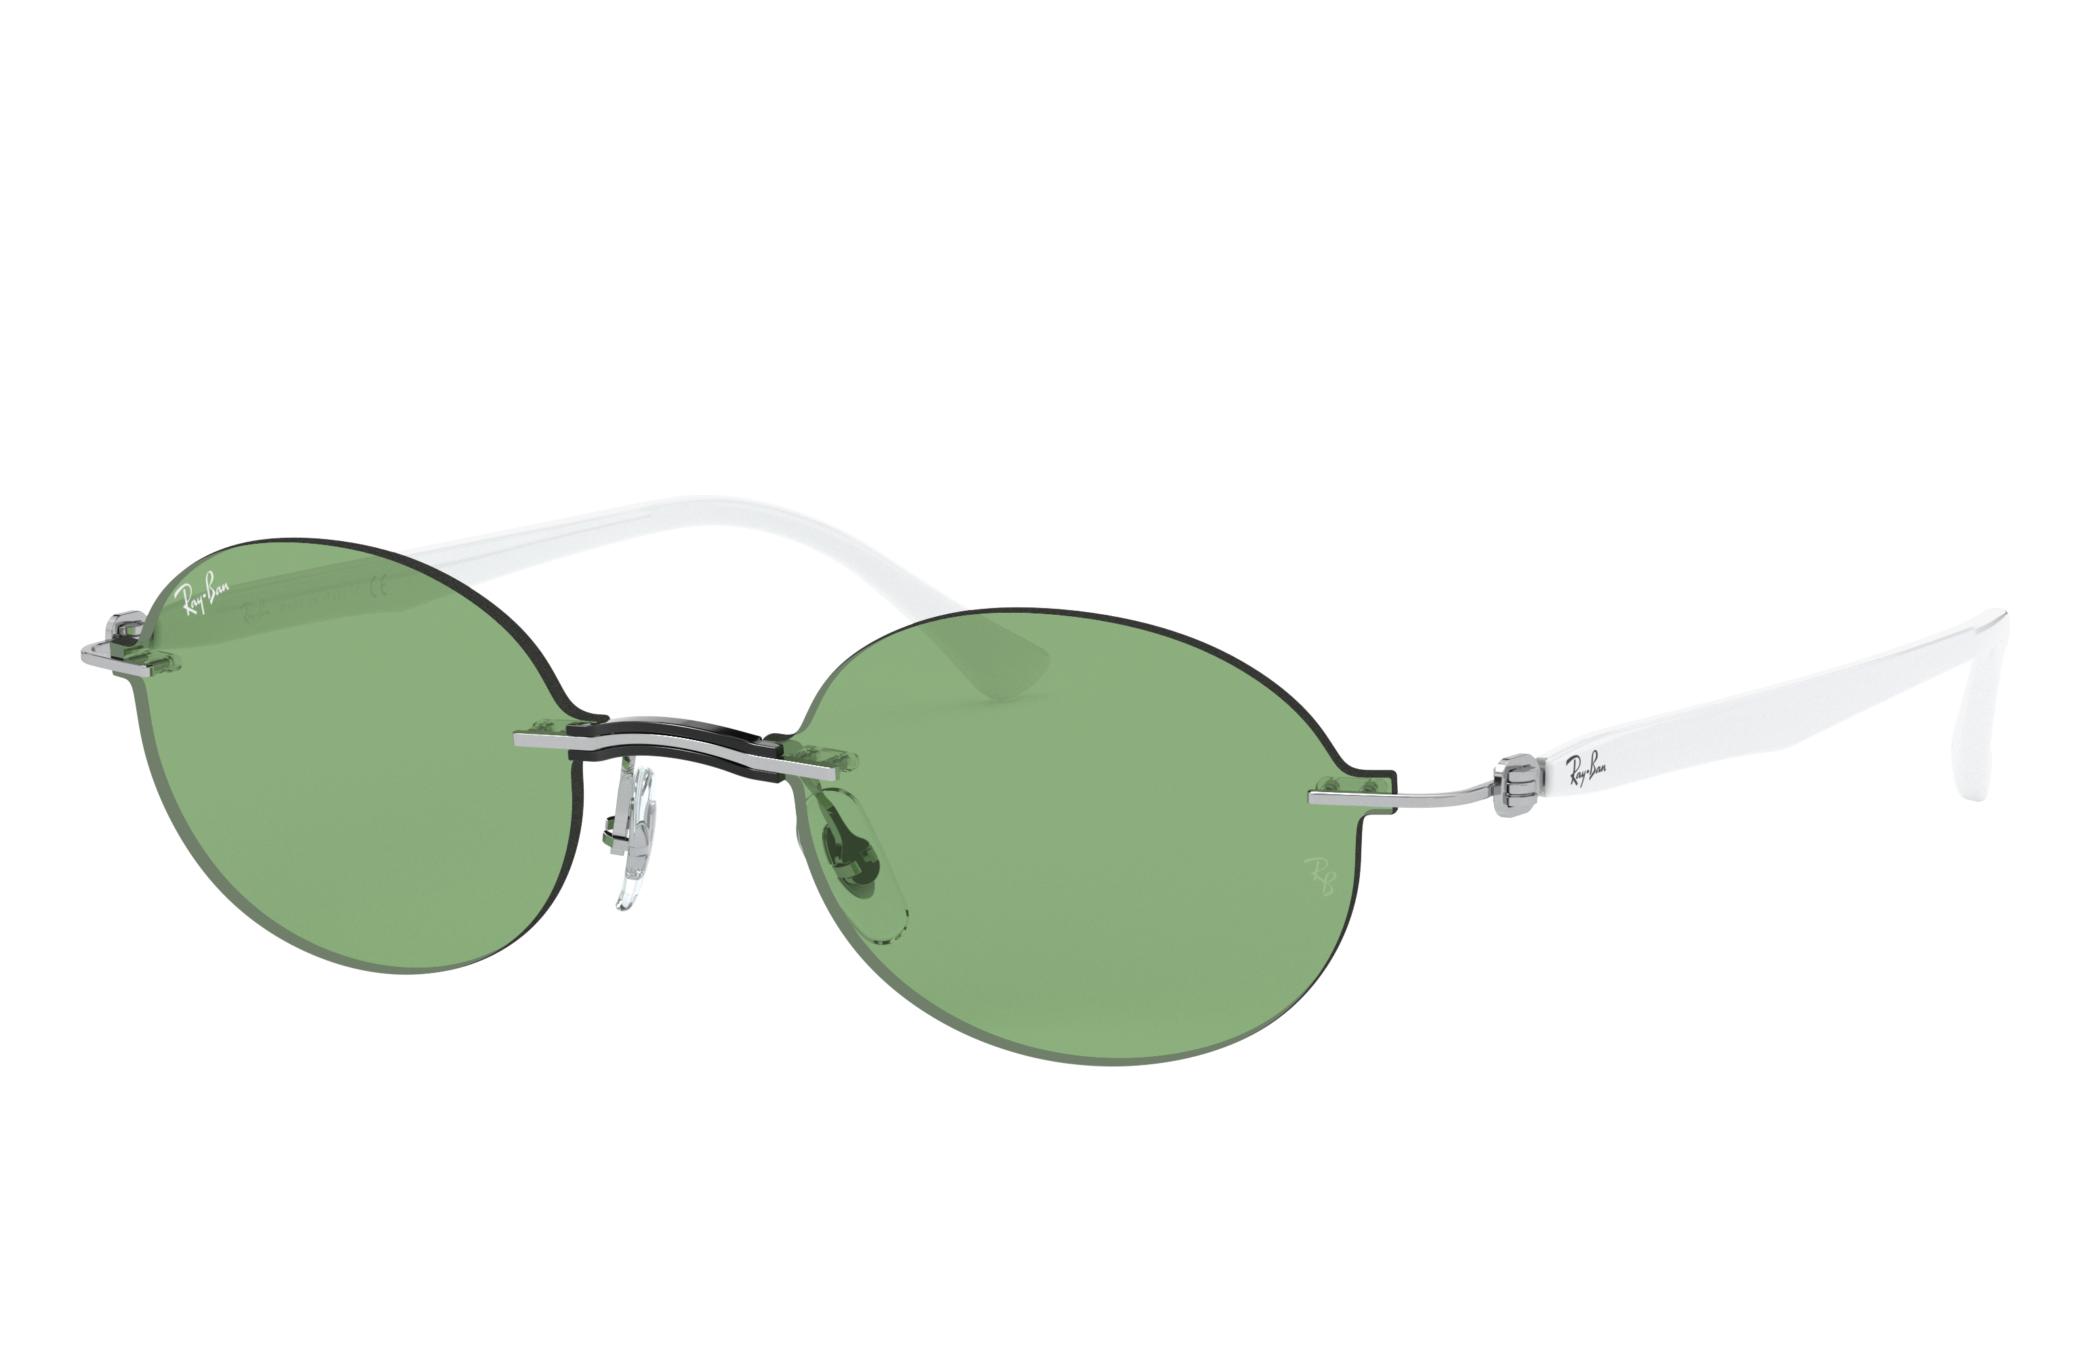 Ray-Ban Rb8060 White, Green Lenses - RB8060